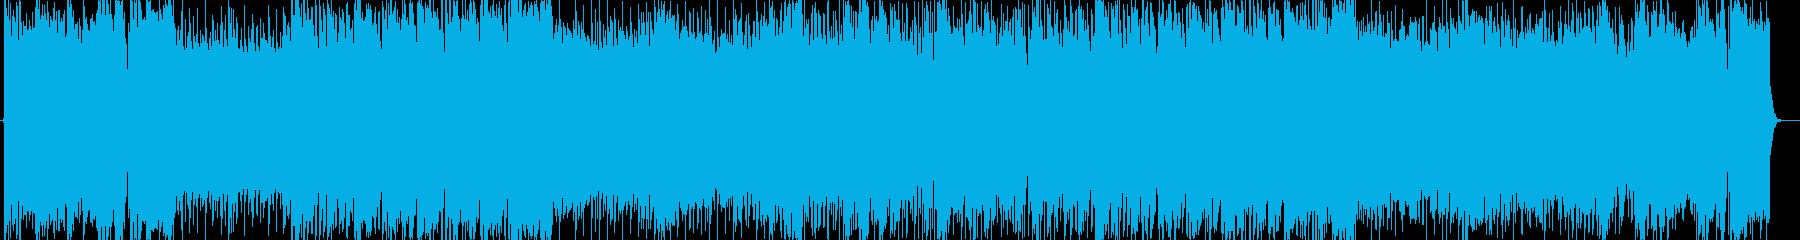 ガッツあふれる熱い曲調の現代音楽の再生済みの波形